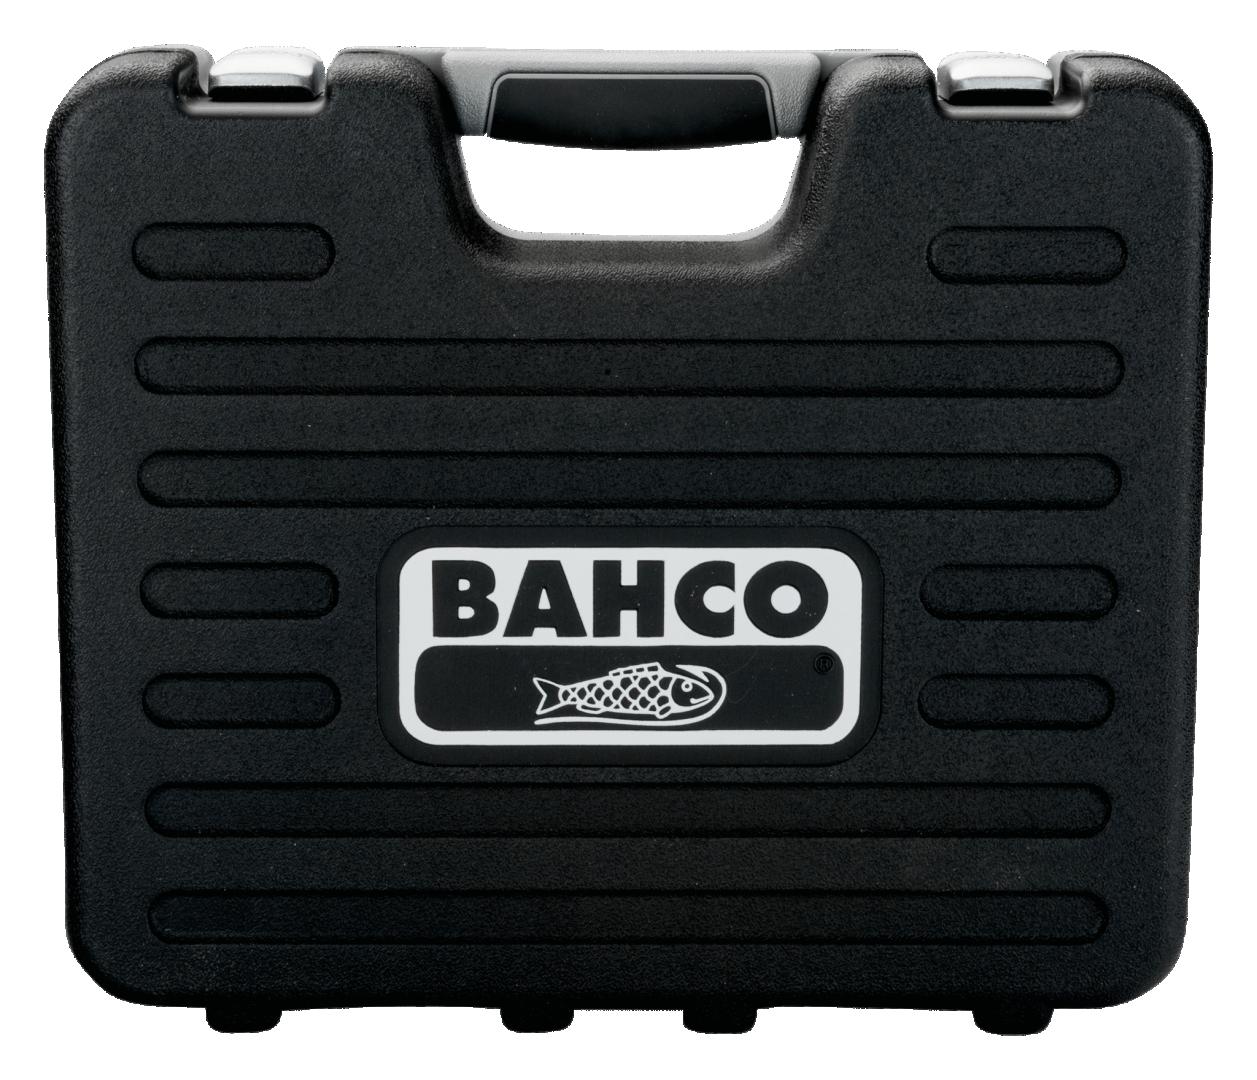 Zestaw otwornic z węglikiem wolframu 13 el. Multi-Construction Superior Bahco (nr kat. 3833-SET-202)